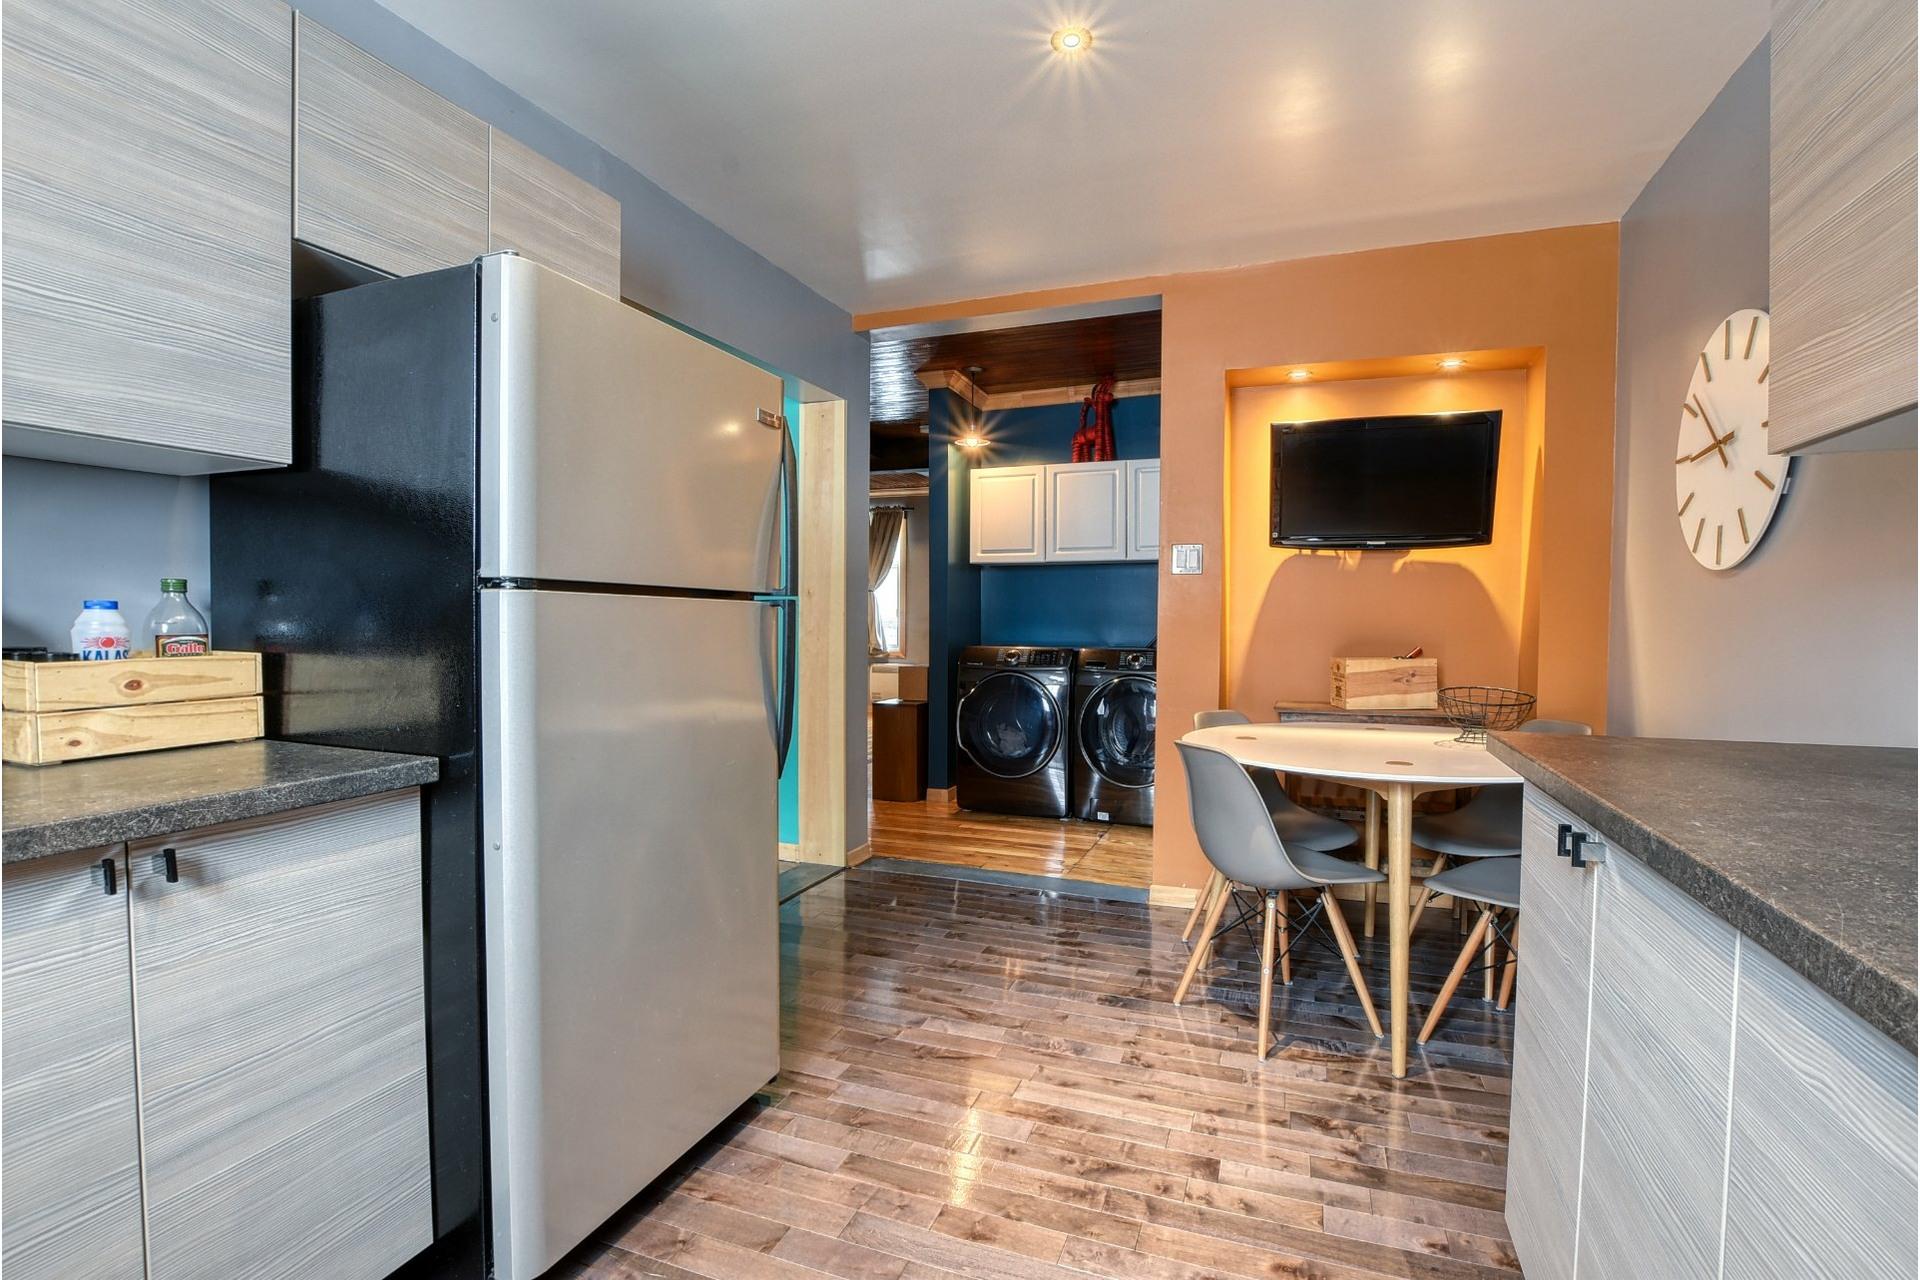 image 7 - House For sale Lachine Montréal  - 5 rooms